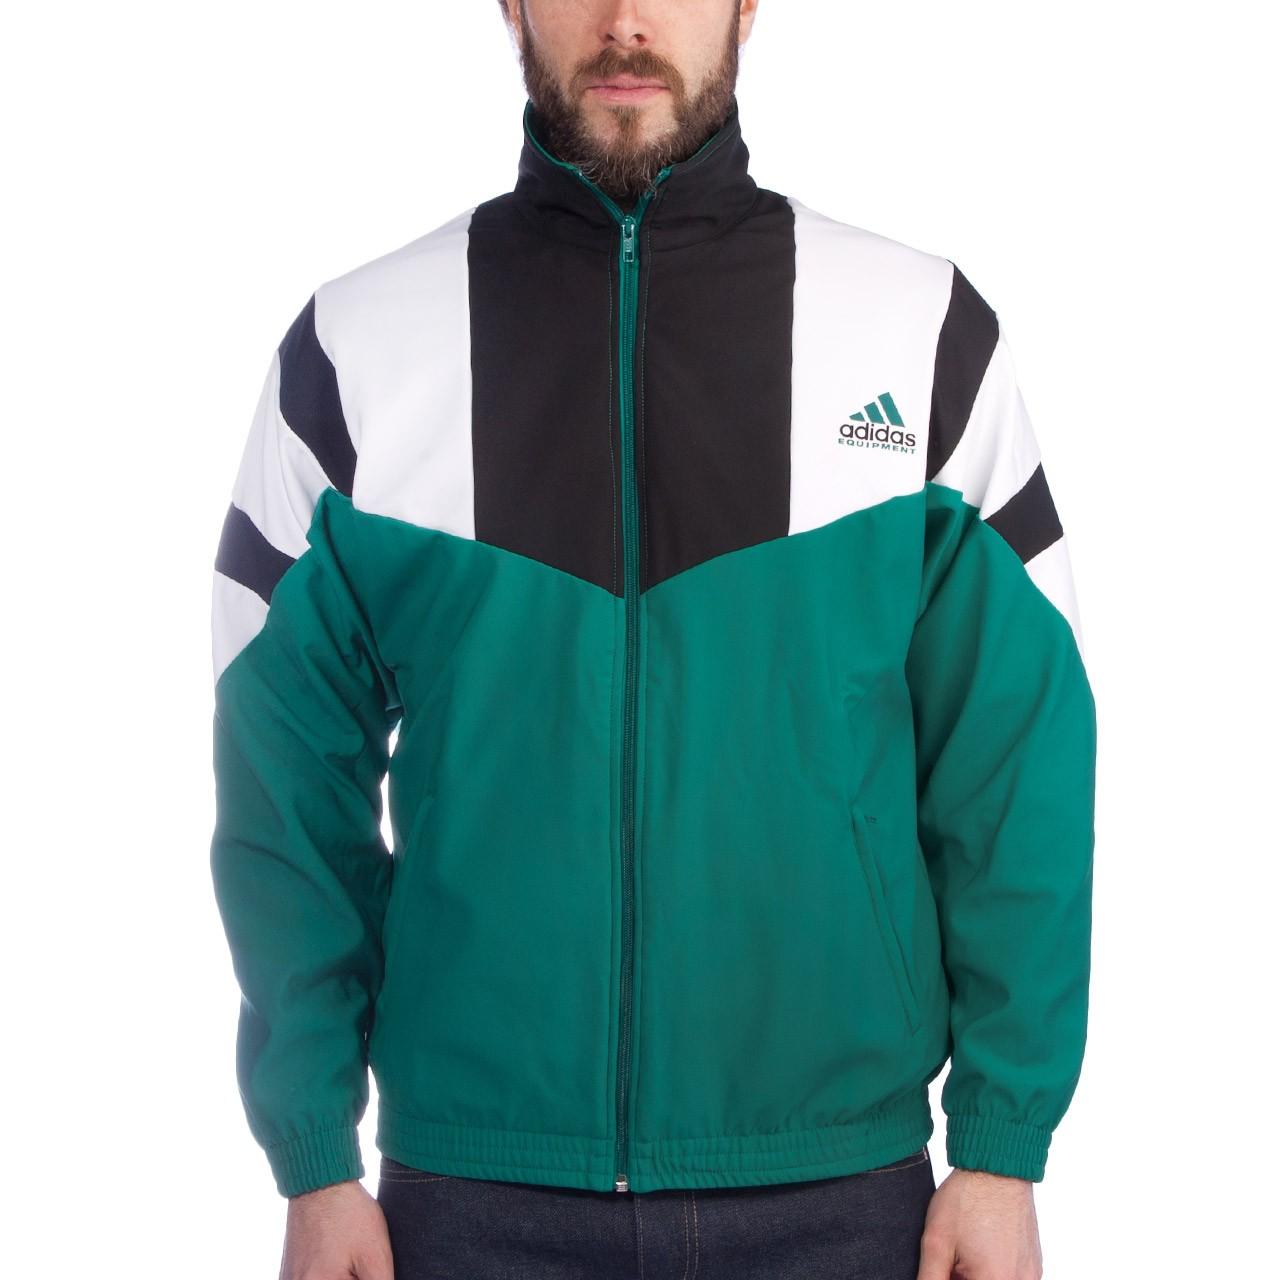 Adidas Skateboarding Jacket | Athletic jacket, Adidas